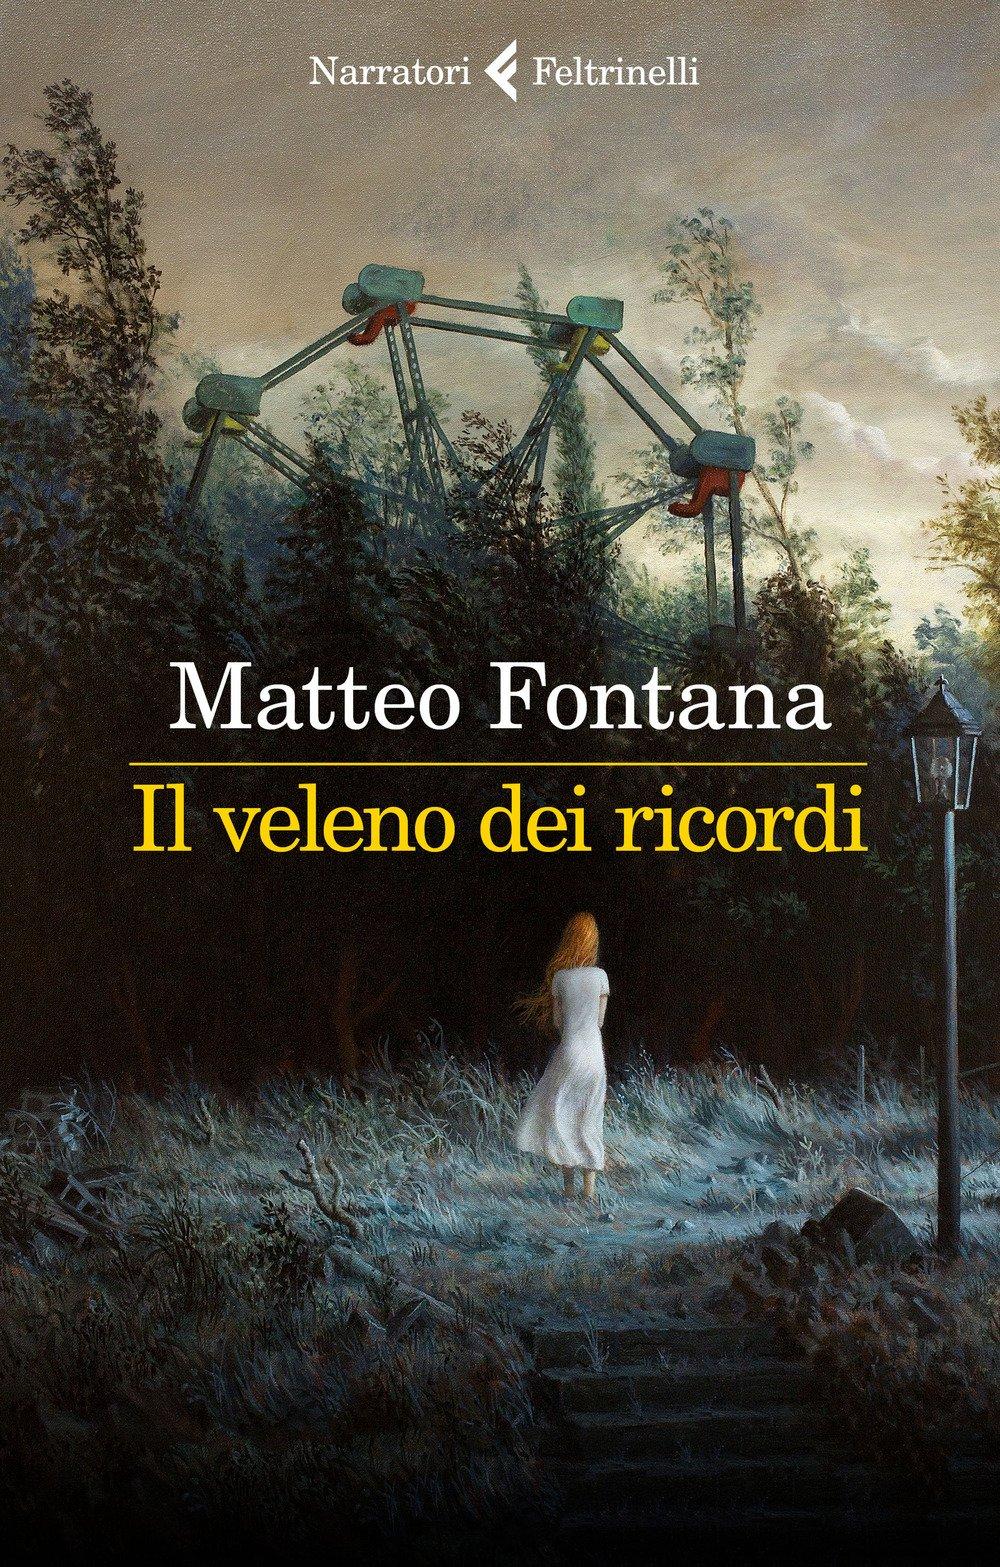 Amazon.it: Il veleno dei ricordi - Fontana, Matteo - Libri